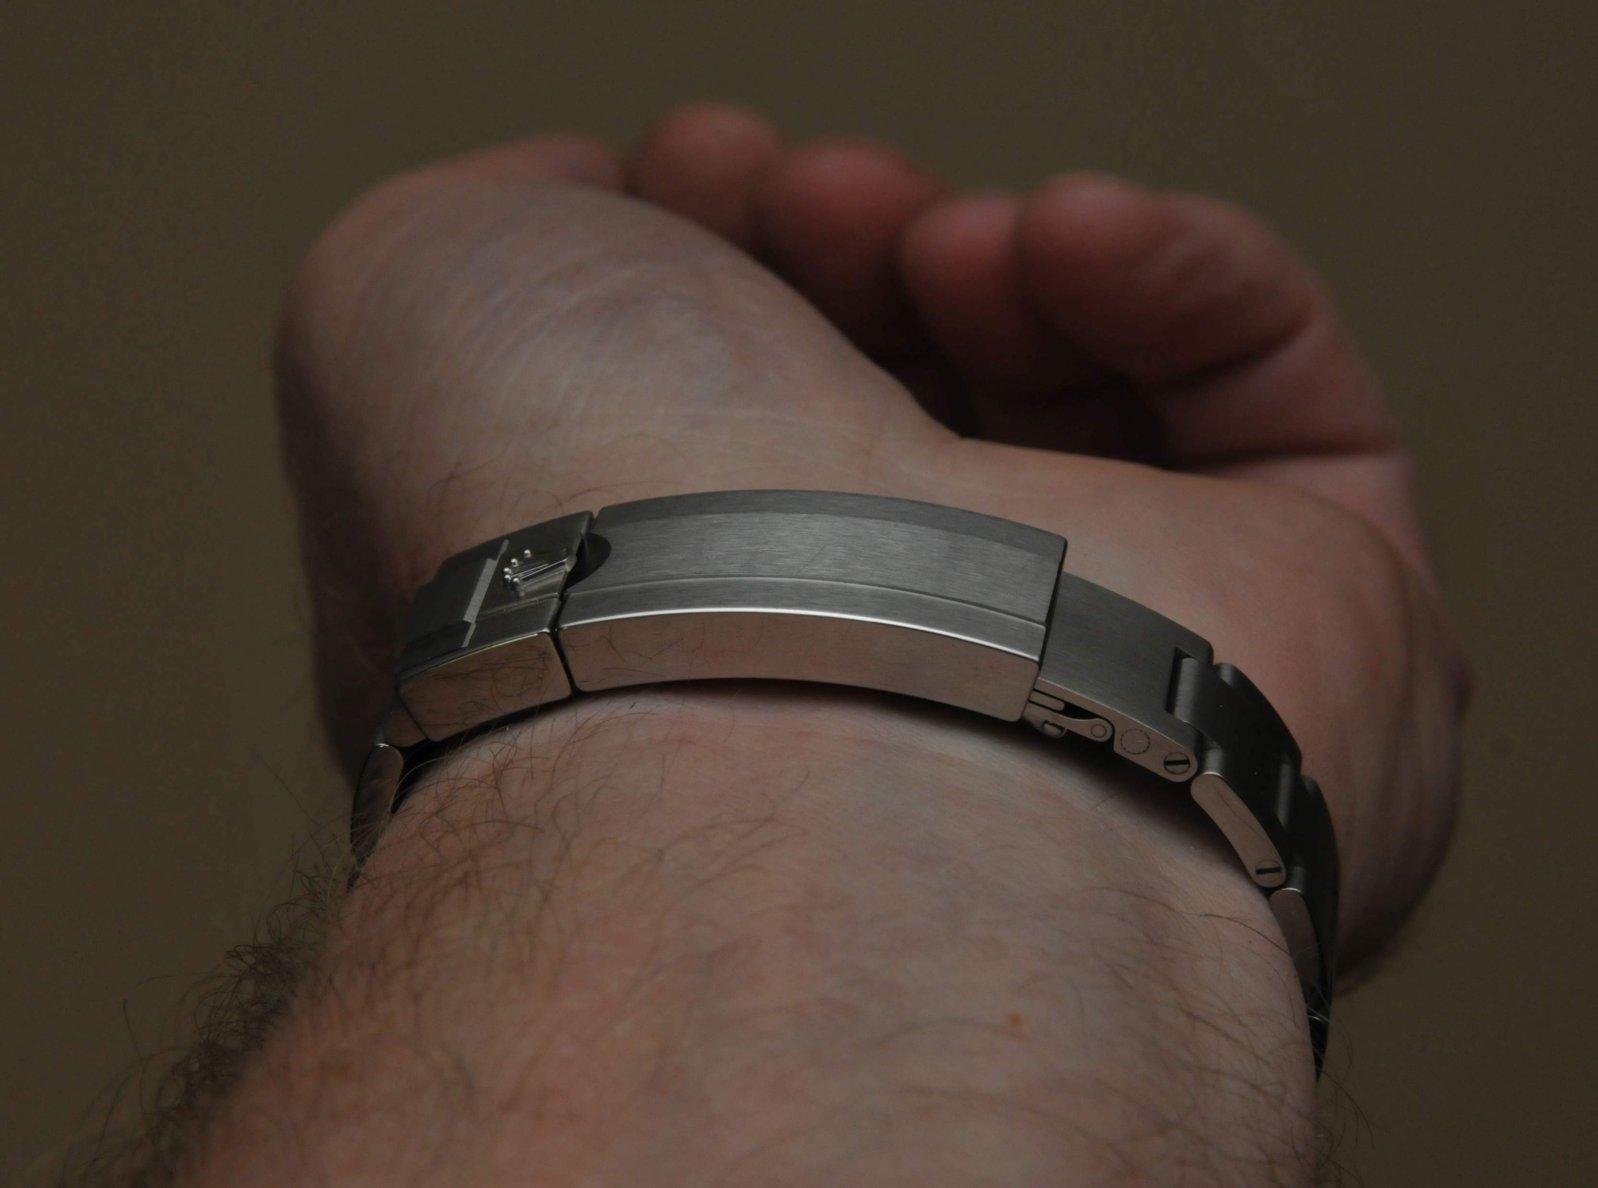 Rolex - ny lås.jpg